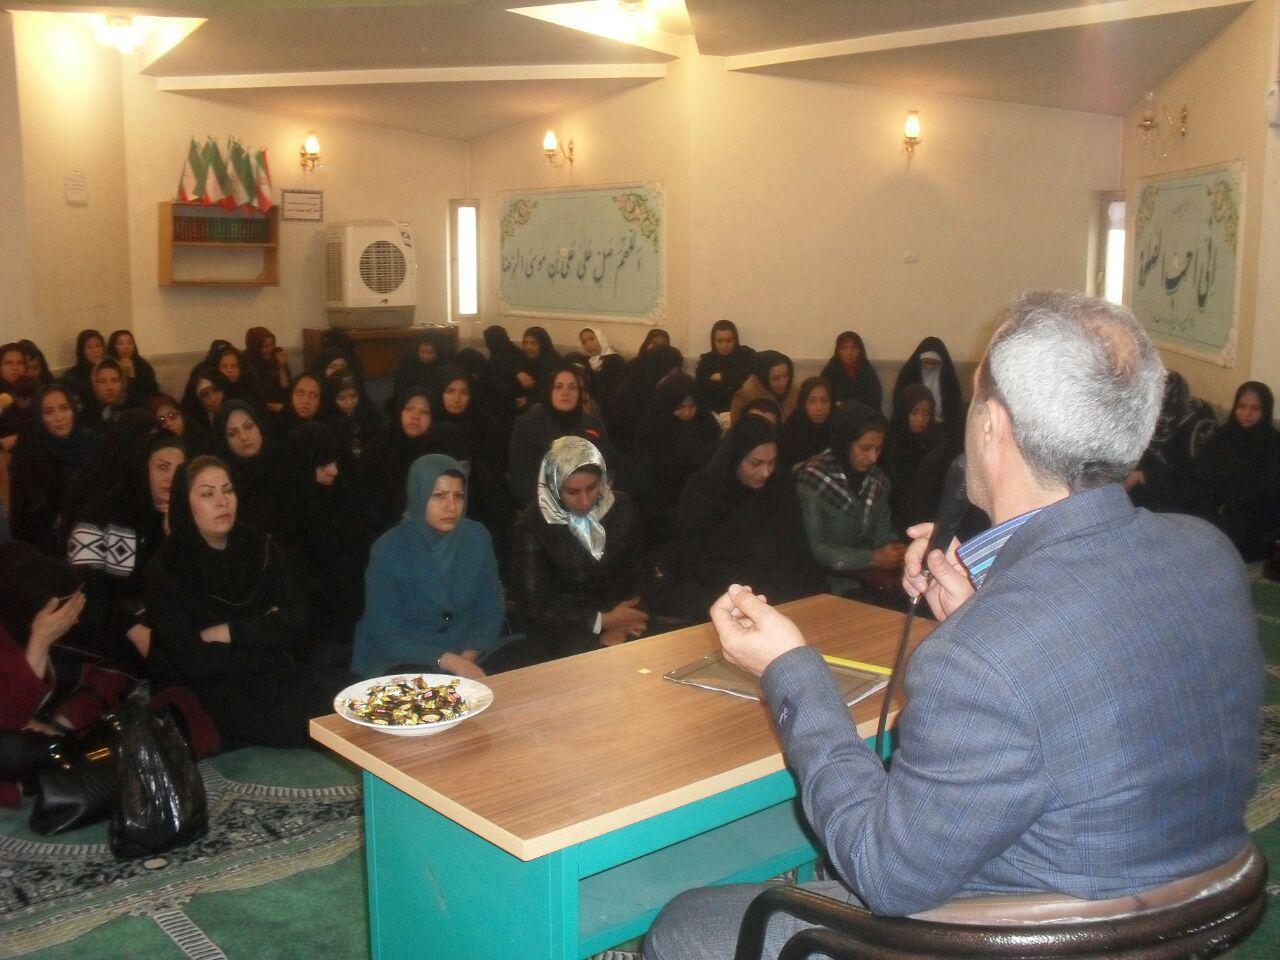 جلسه ی انجمن اولیا درنمازخانه ی دبیرستان شهدای صنف گردبافان برگزار شد.